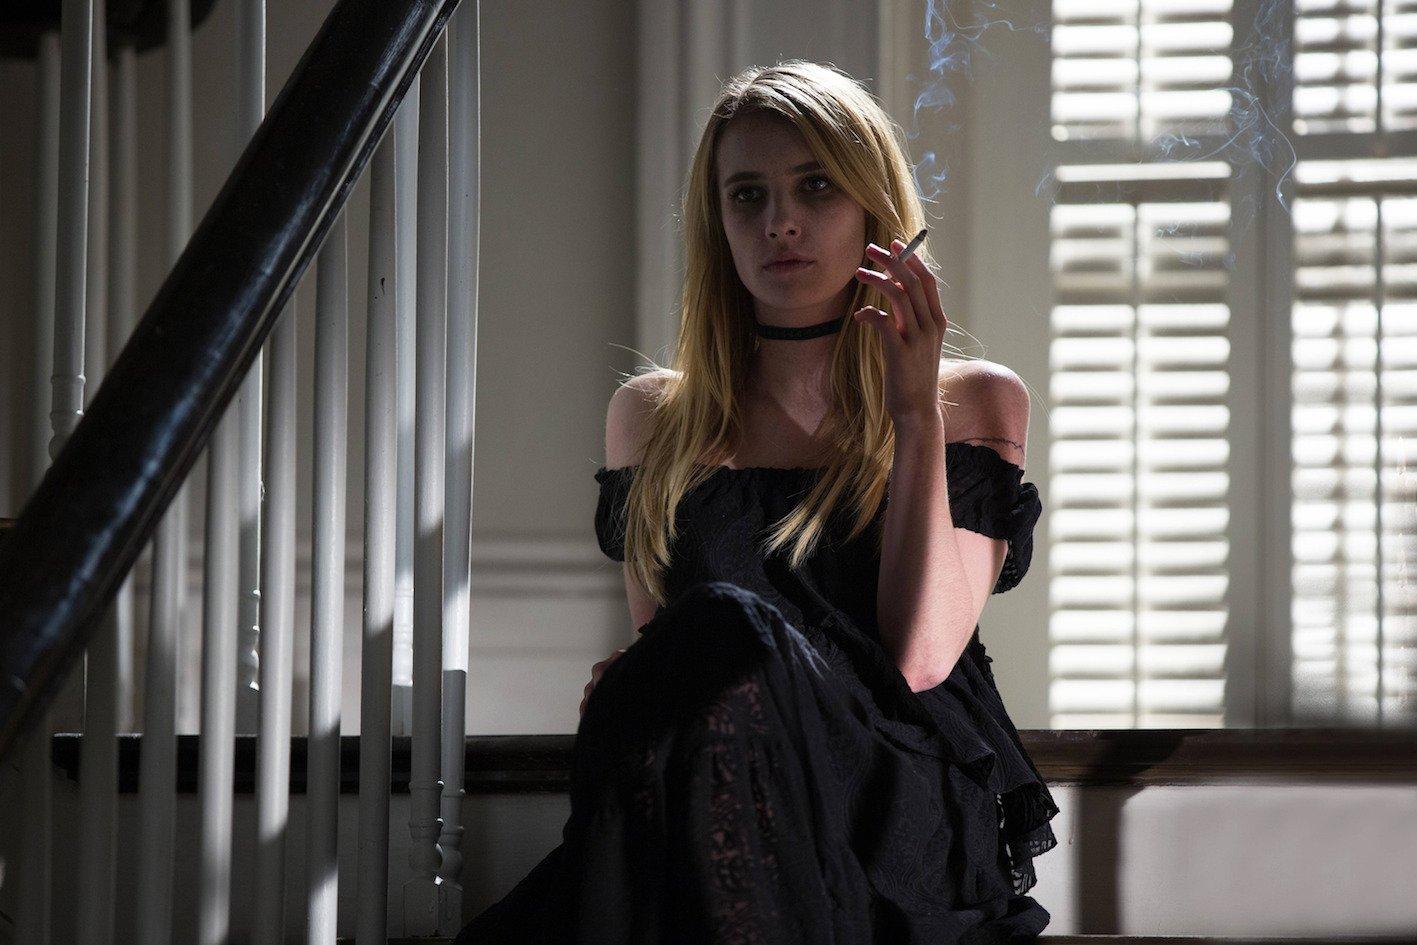 Una chica vestida de negro